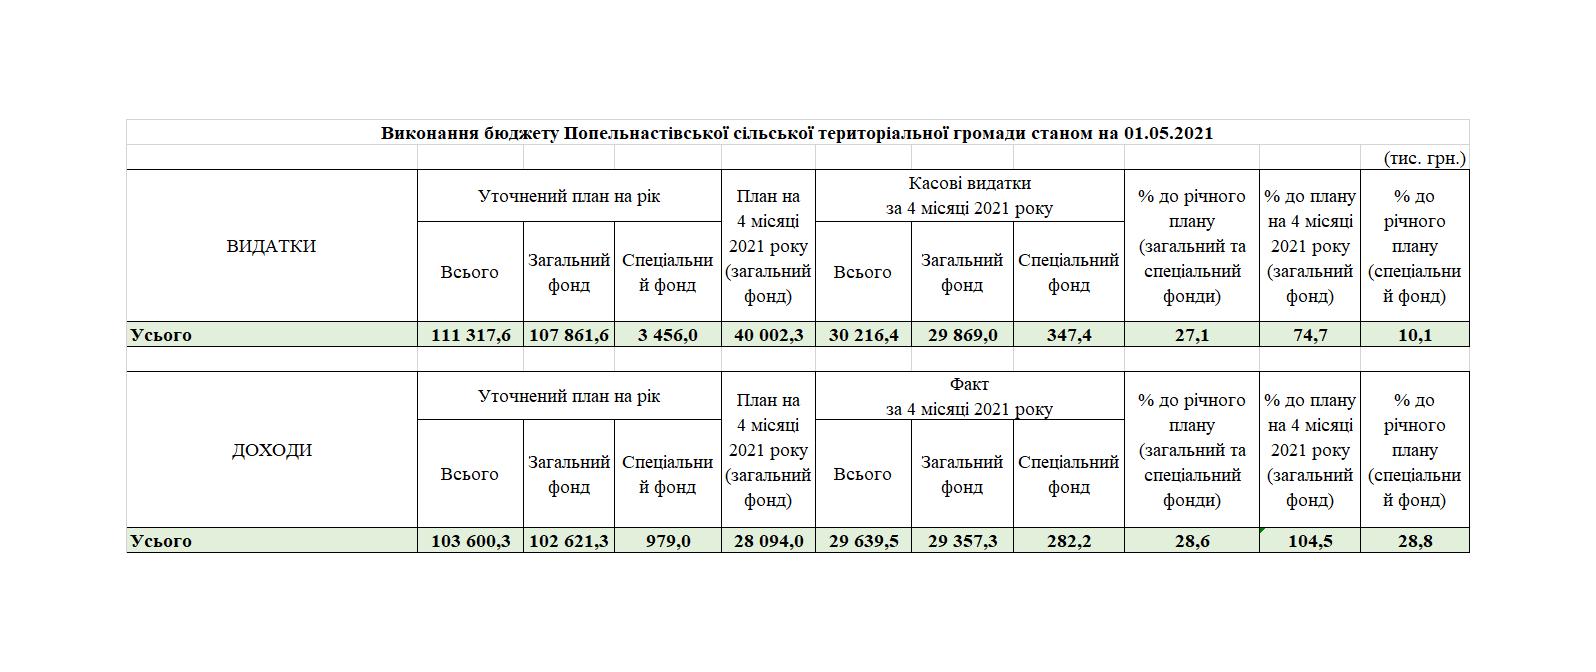 Виконання бюджету Попельнастівської сільської територіальної громади станом на 01.05.2021